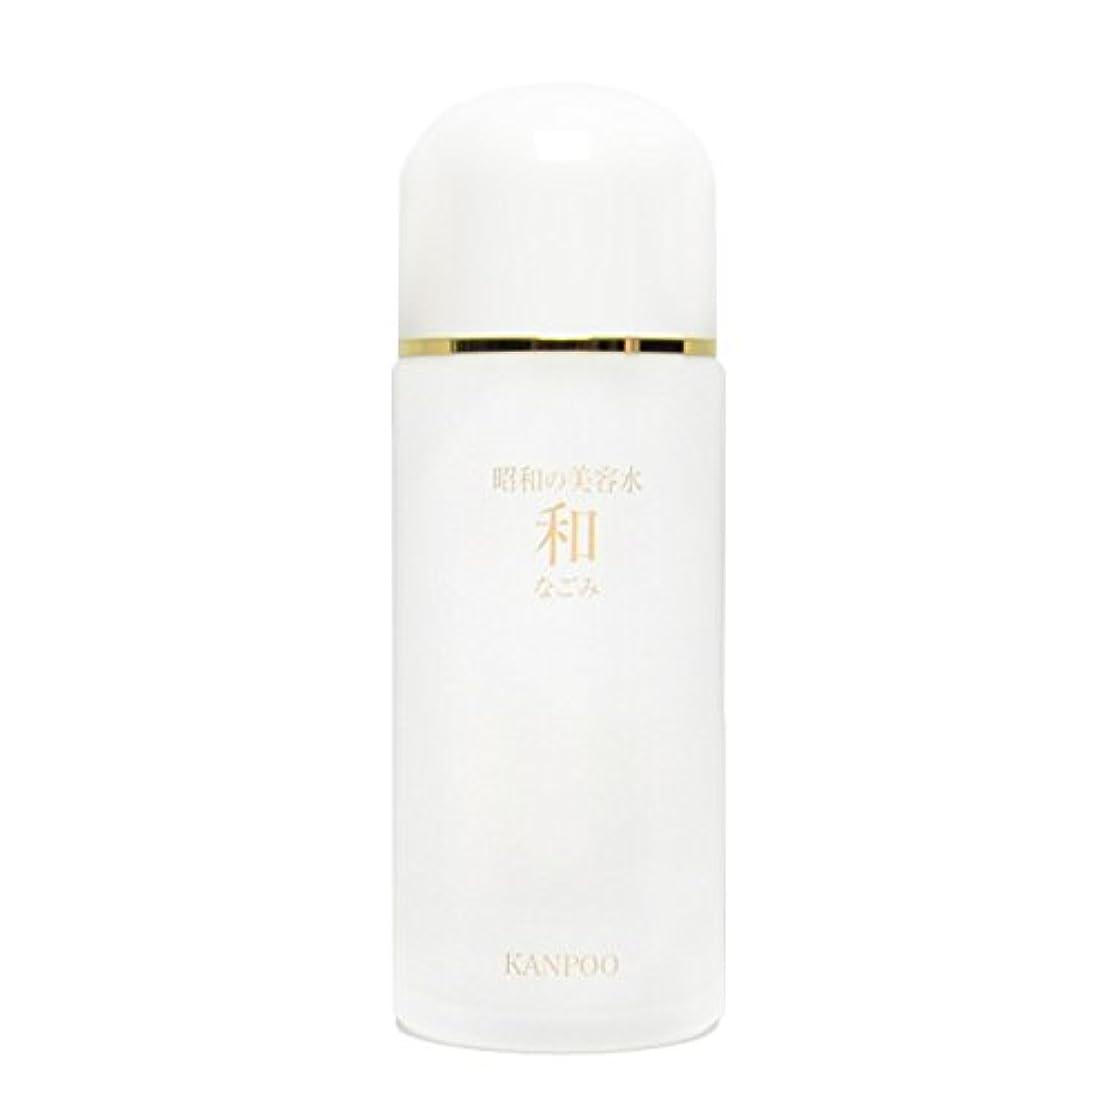 ルーム装備するアライメント潤いコンディショニング美容水 和(なごみ) [化粧水]